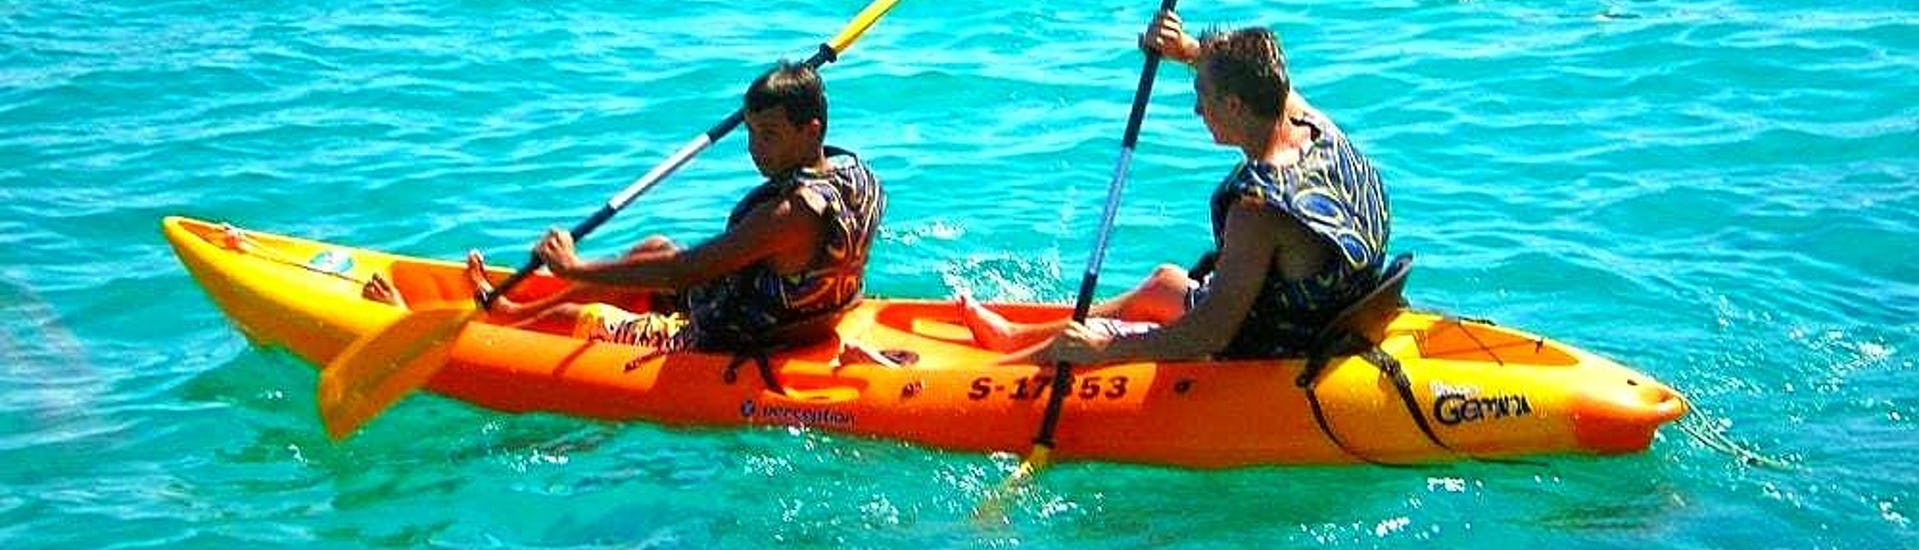 sea-kayak-rental-island-of-gozo-joyride-watersports-gozo